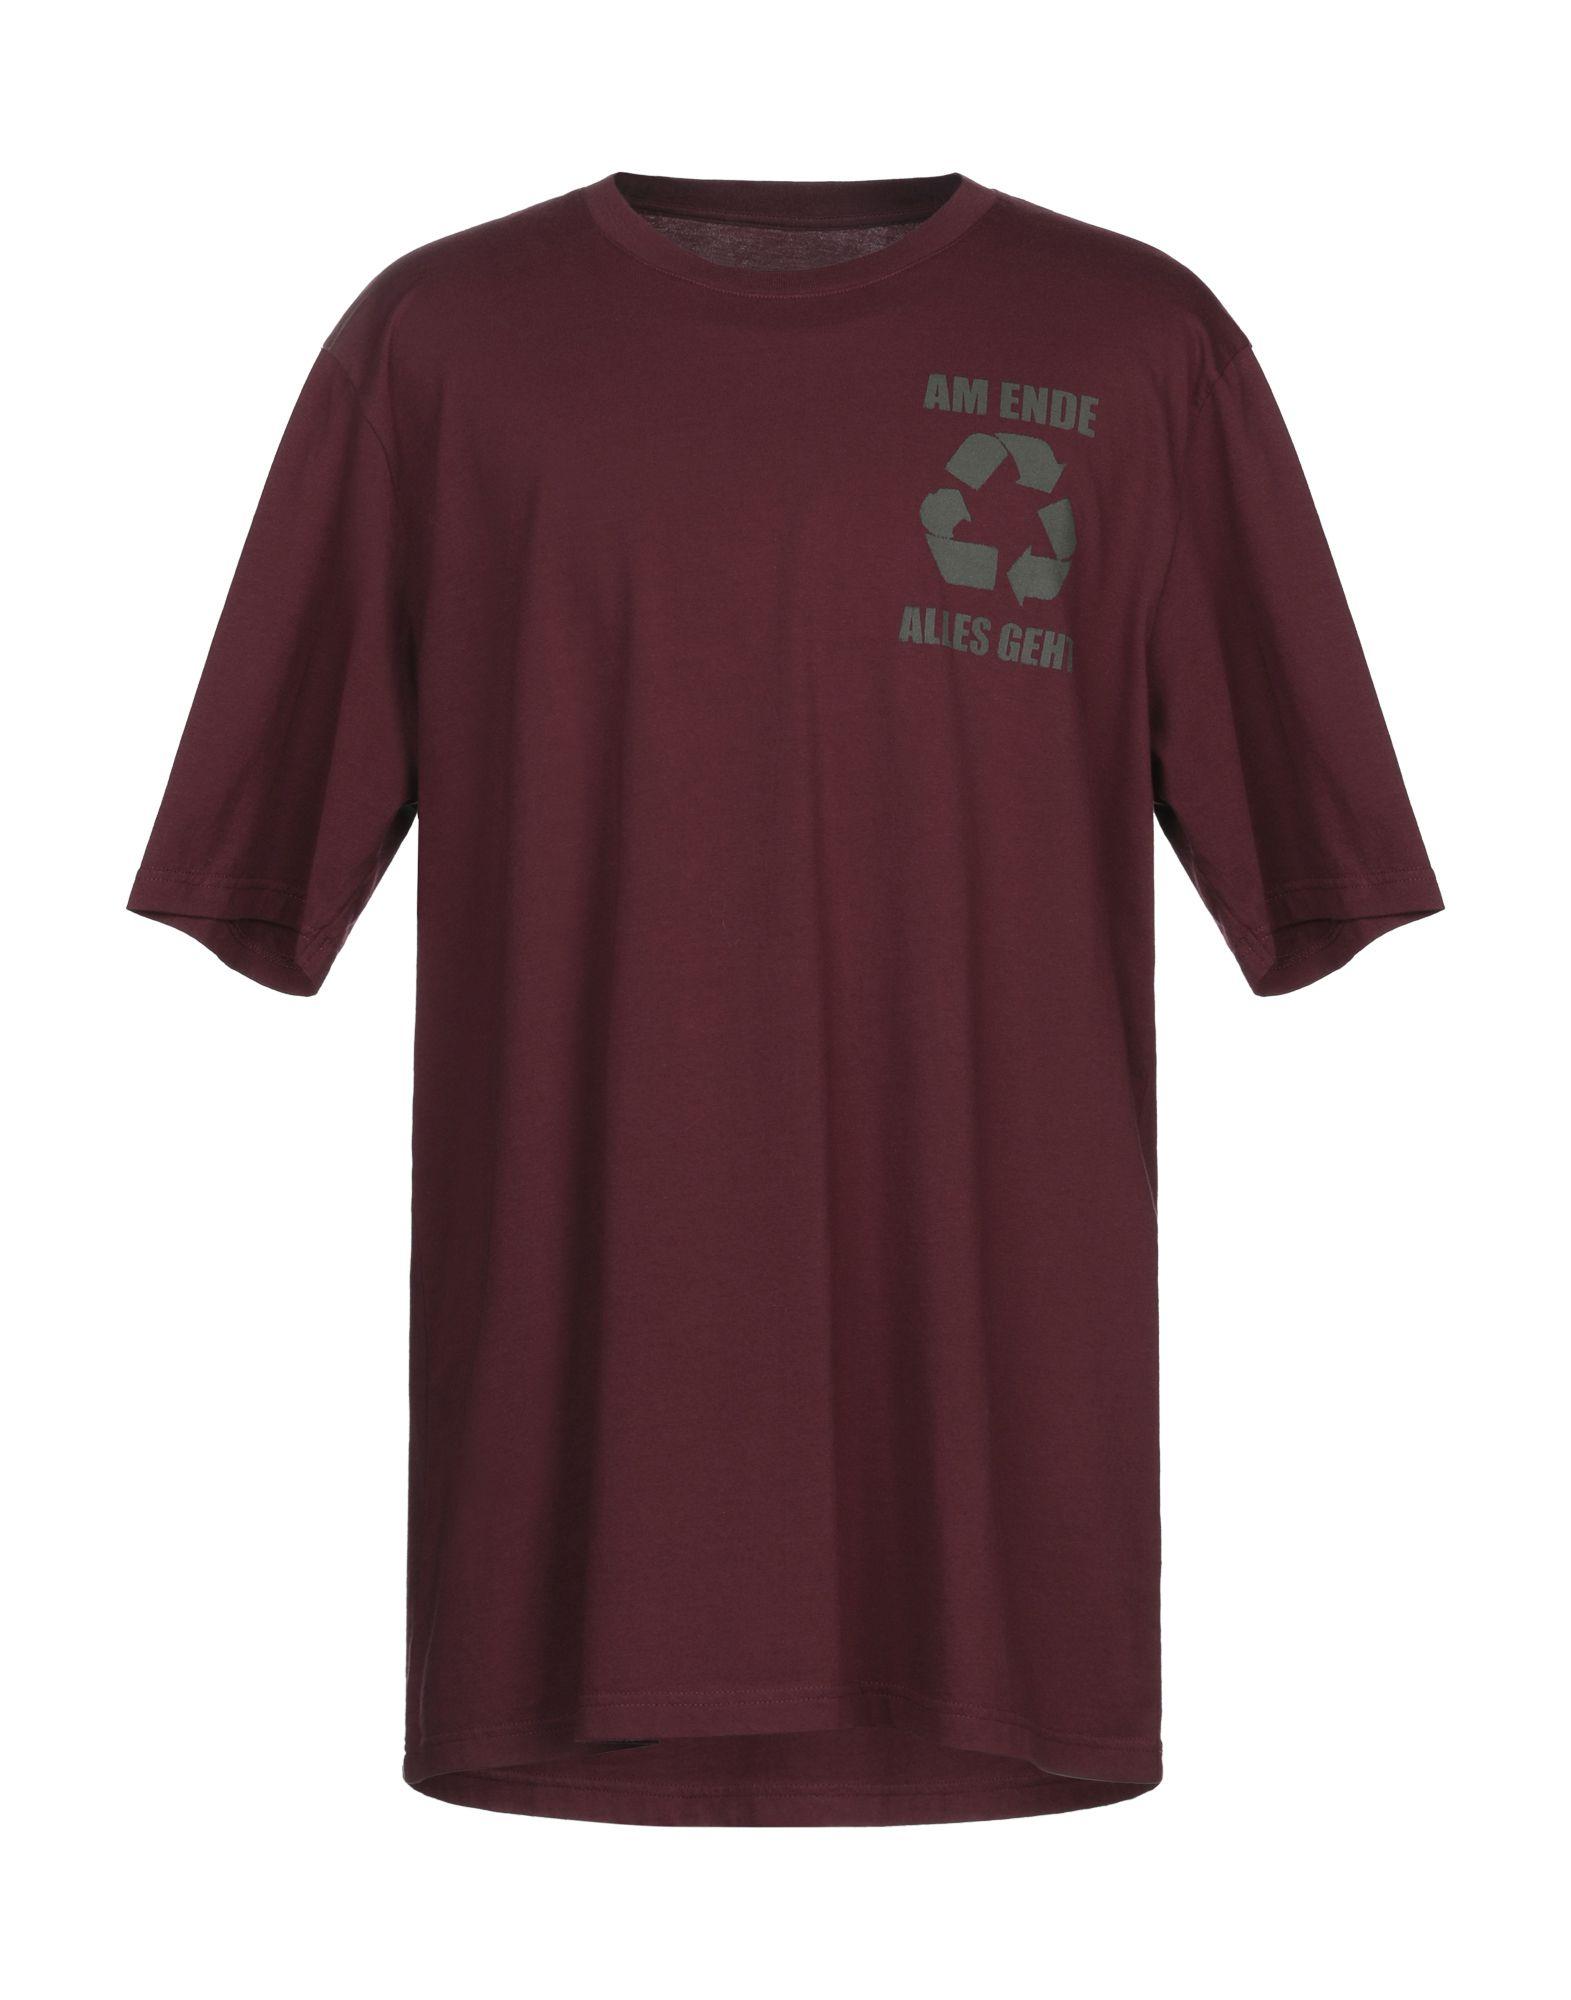 T-Shirt Faith Connexion uomo - 12358225ES 12358225ES 12358225ES 7fa